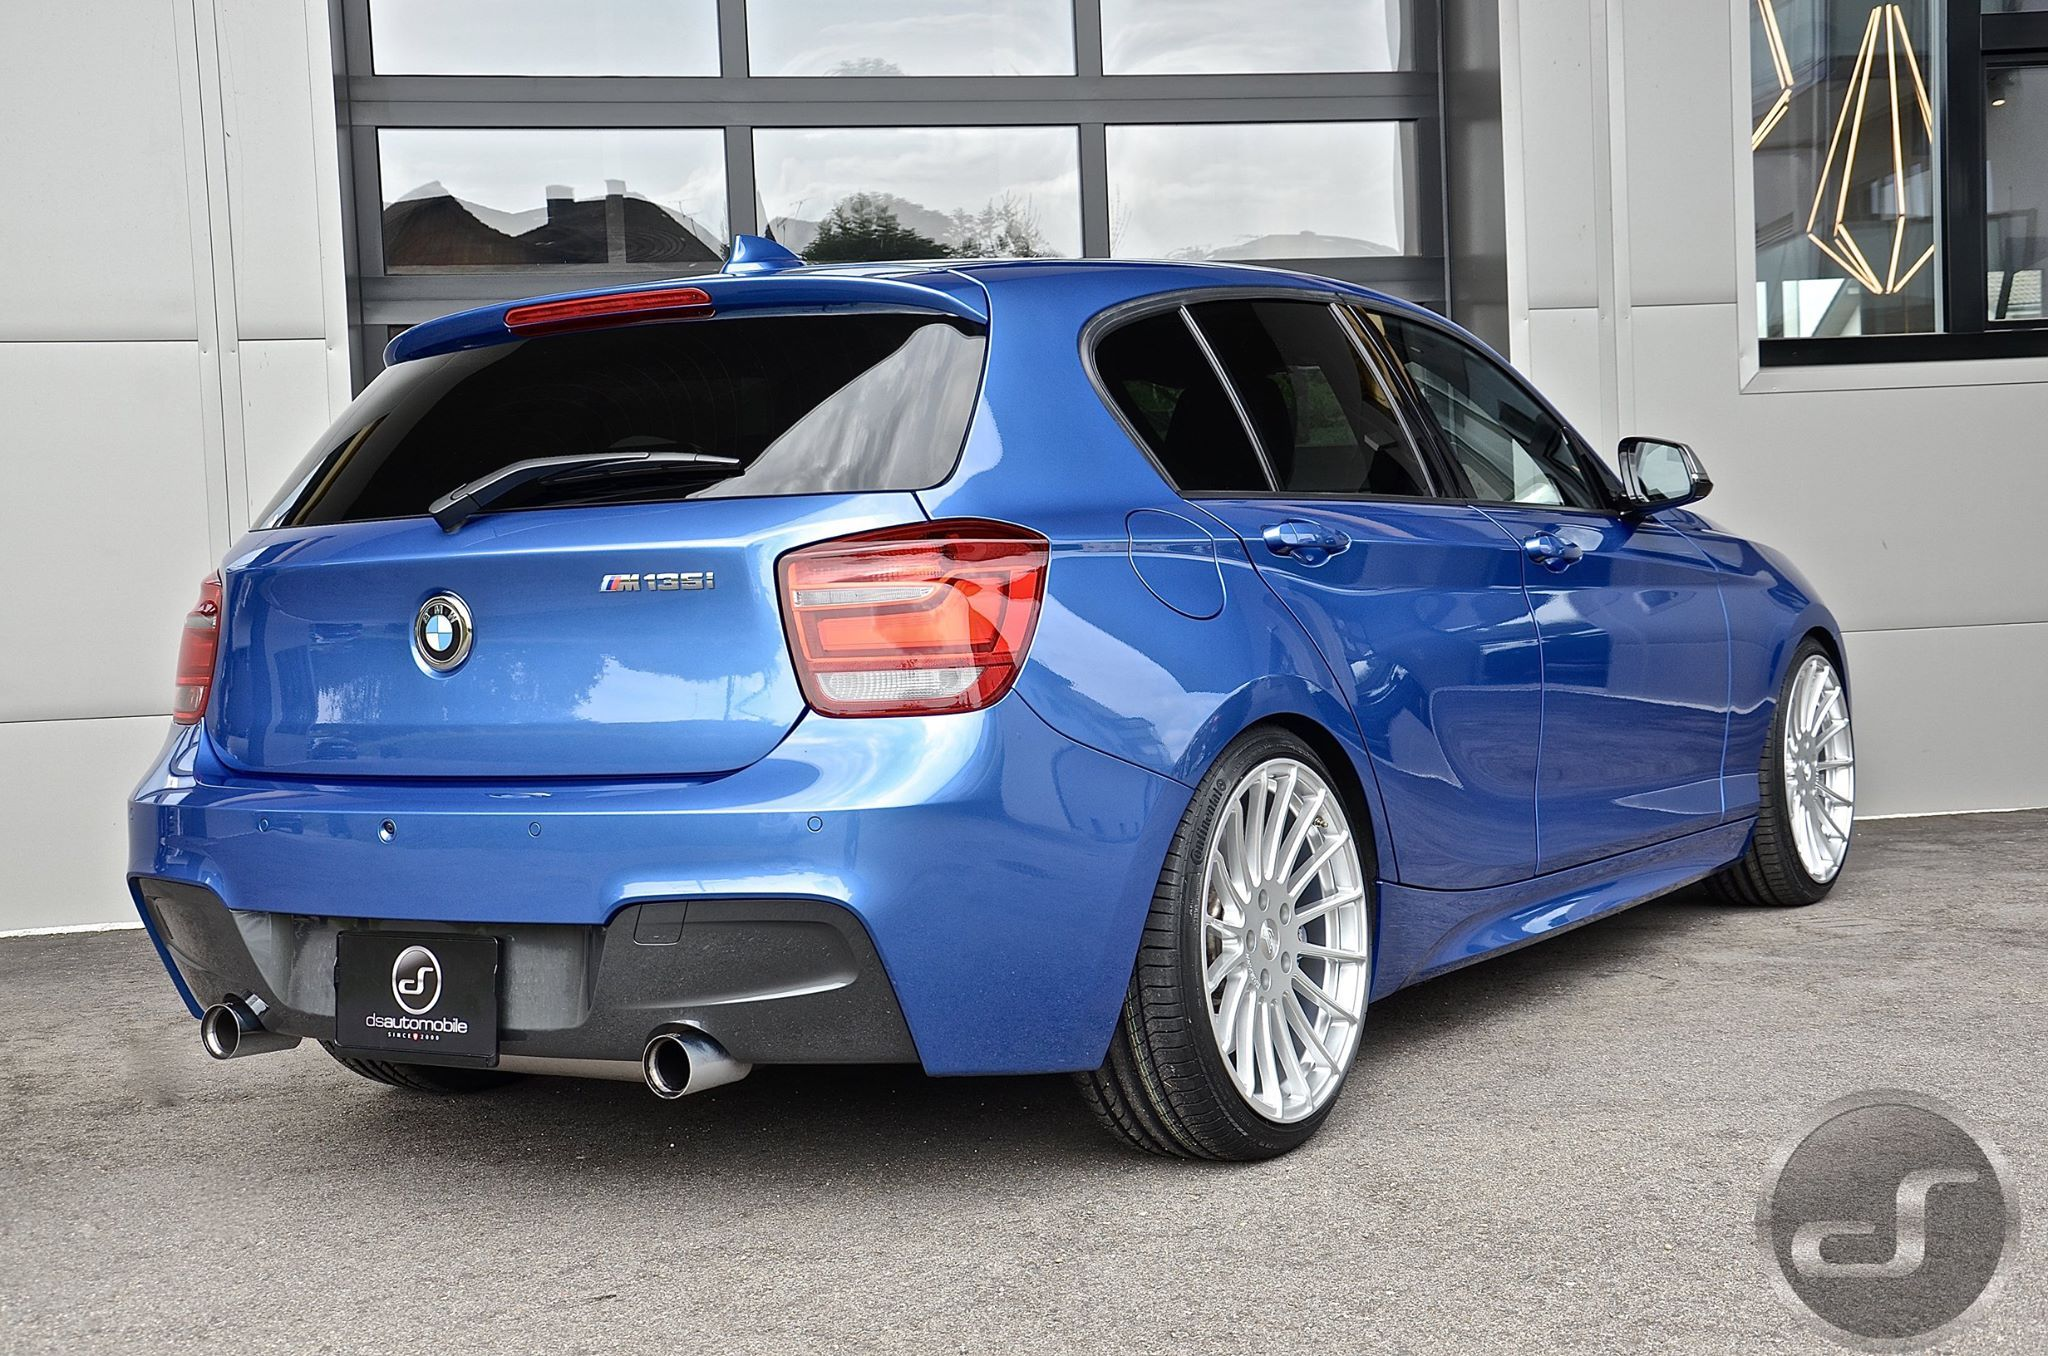 2dbb01e0994ecb6e996bbede5eb0f850 Cool Bmw Z1 Joyas sobre Ruedas Cars Trend